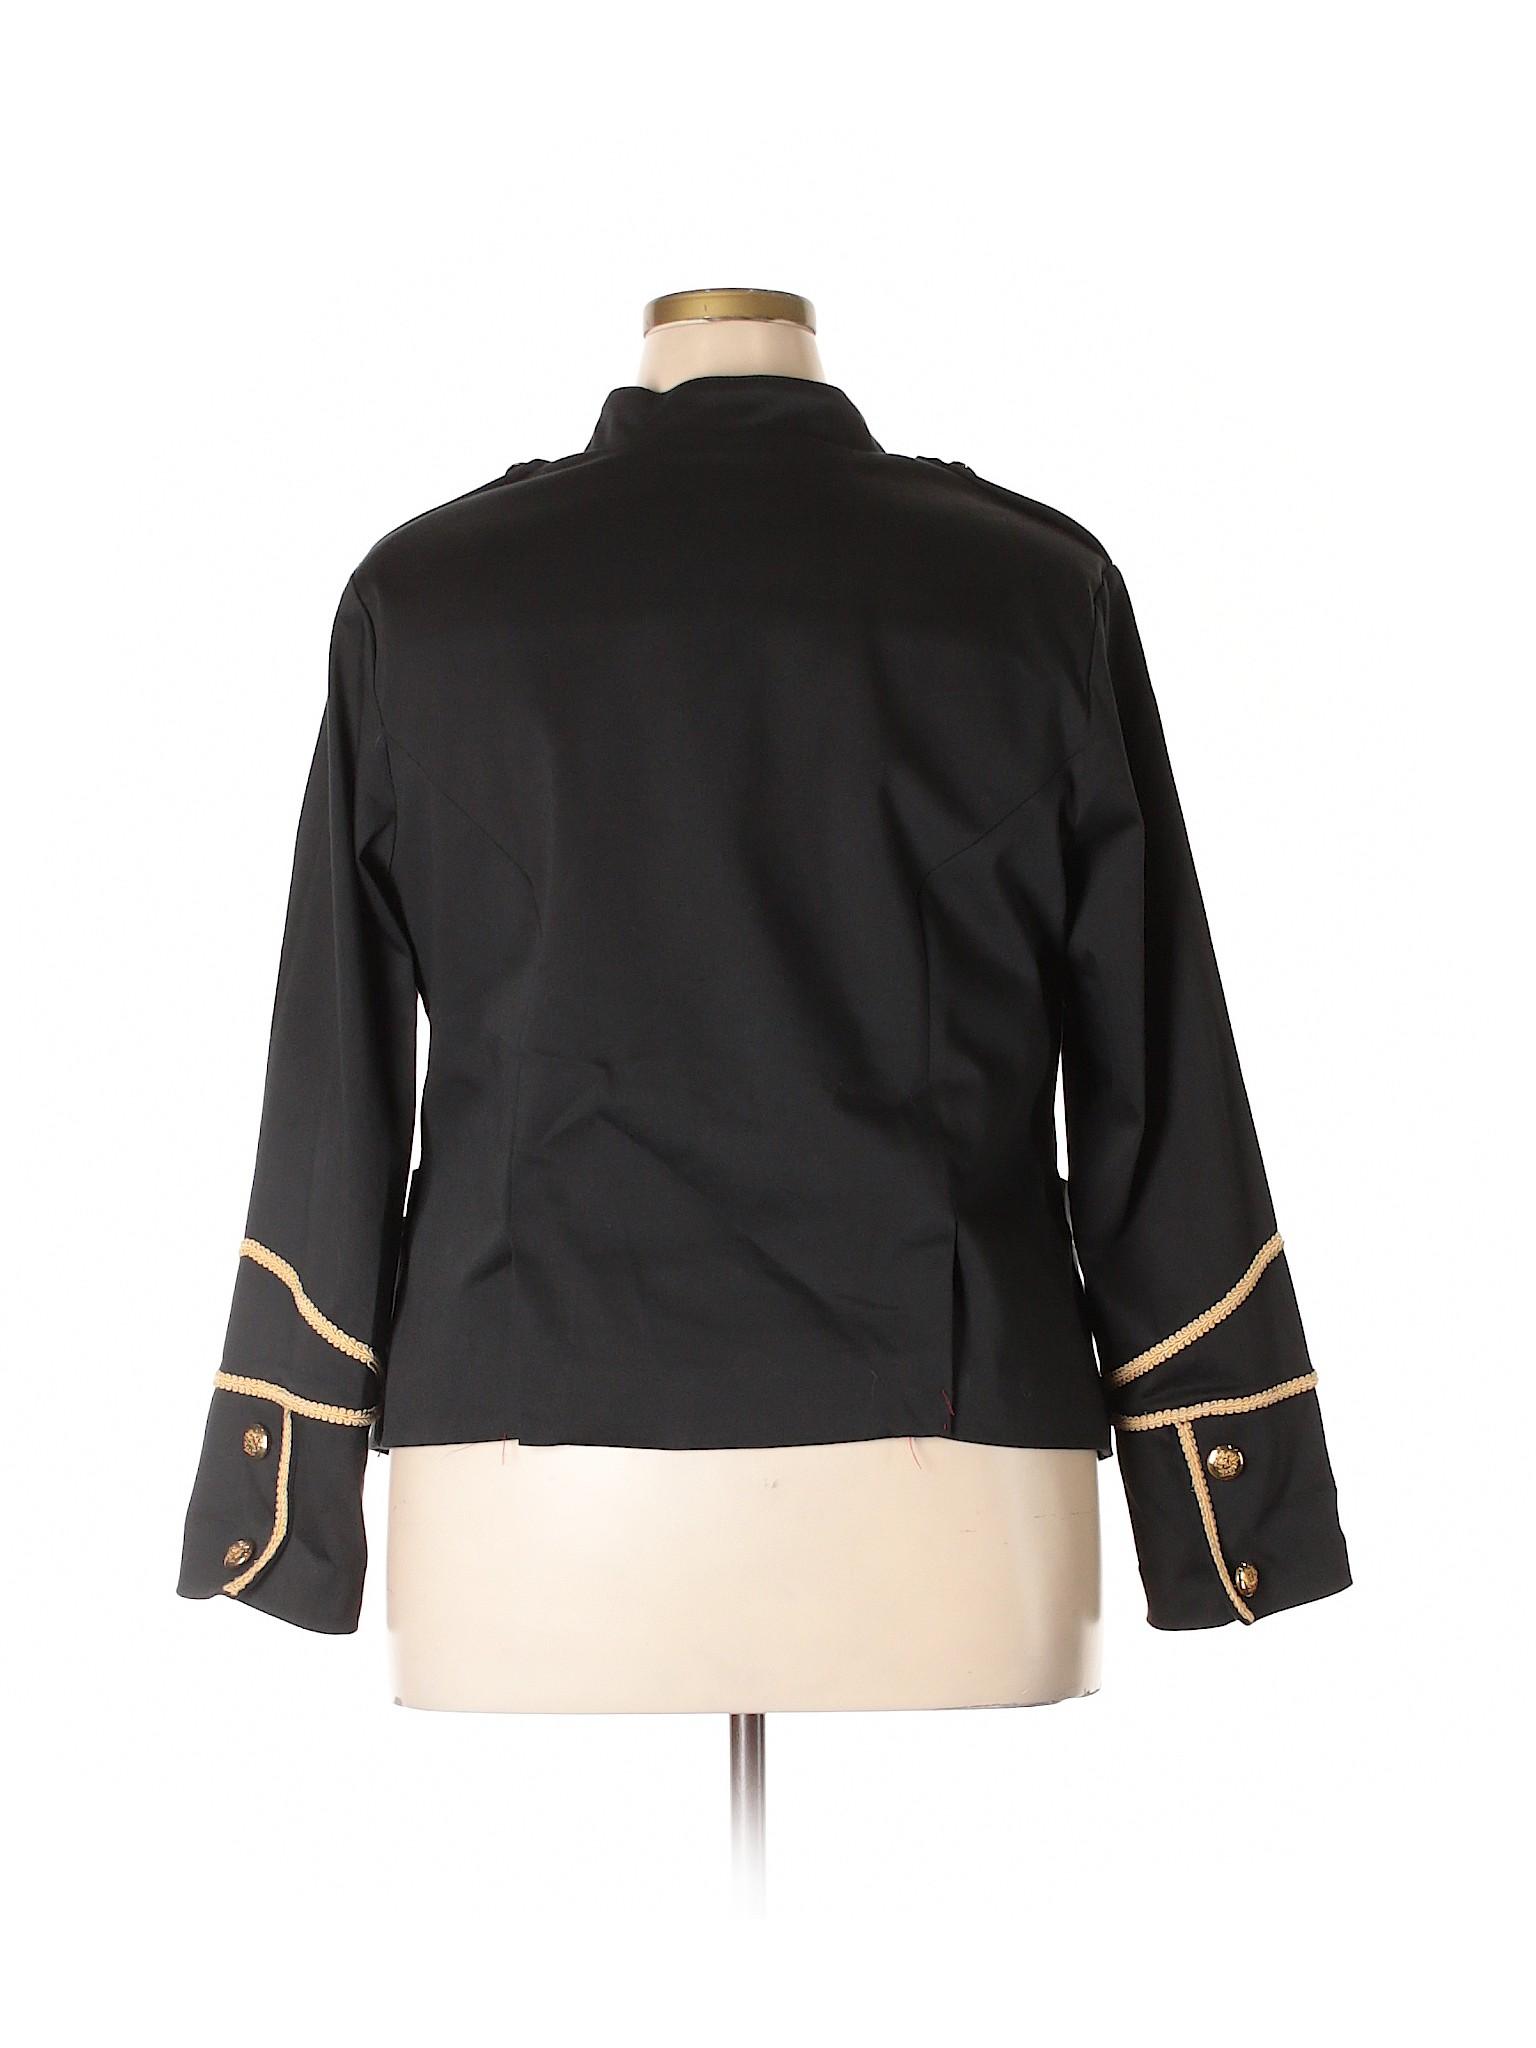 amp; Boutique Ava Jacket winter Viv RqE5wxRrp